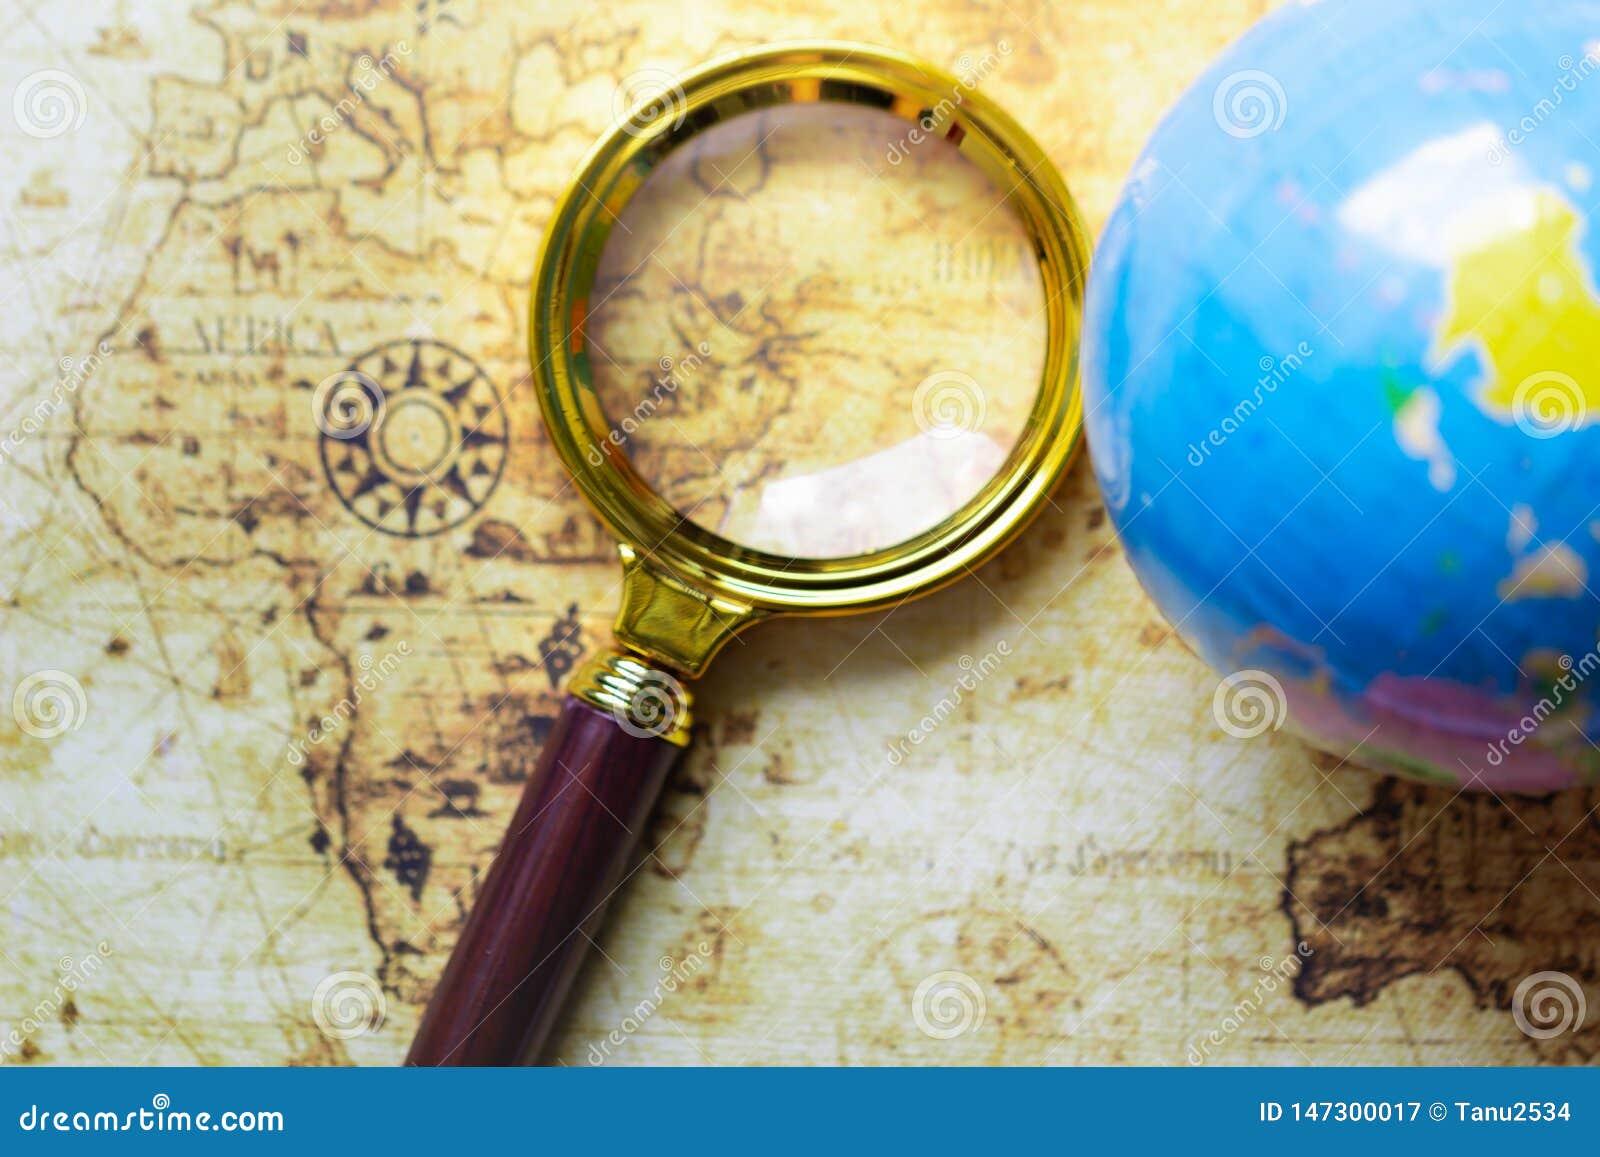 Lupa y globo en viejo fondo del mapa